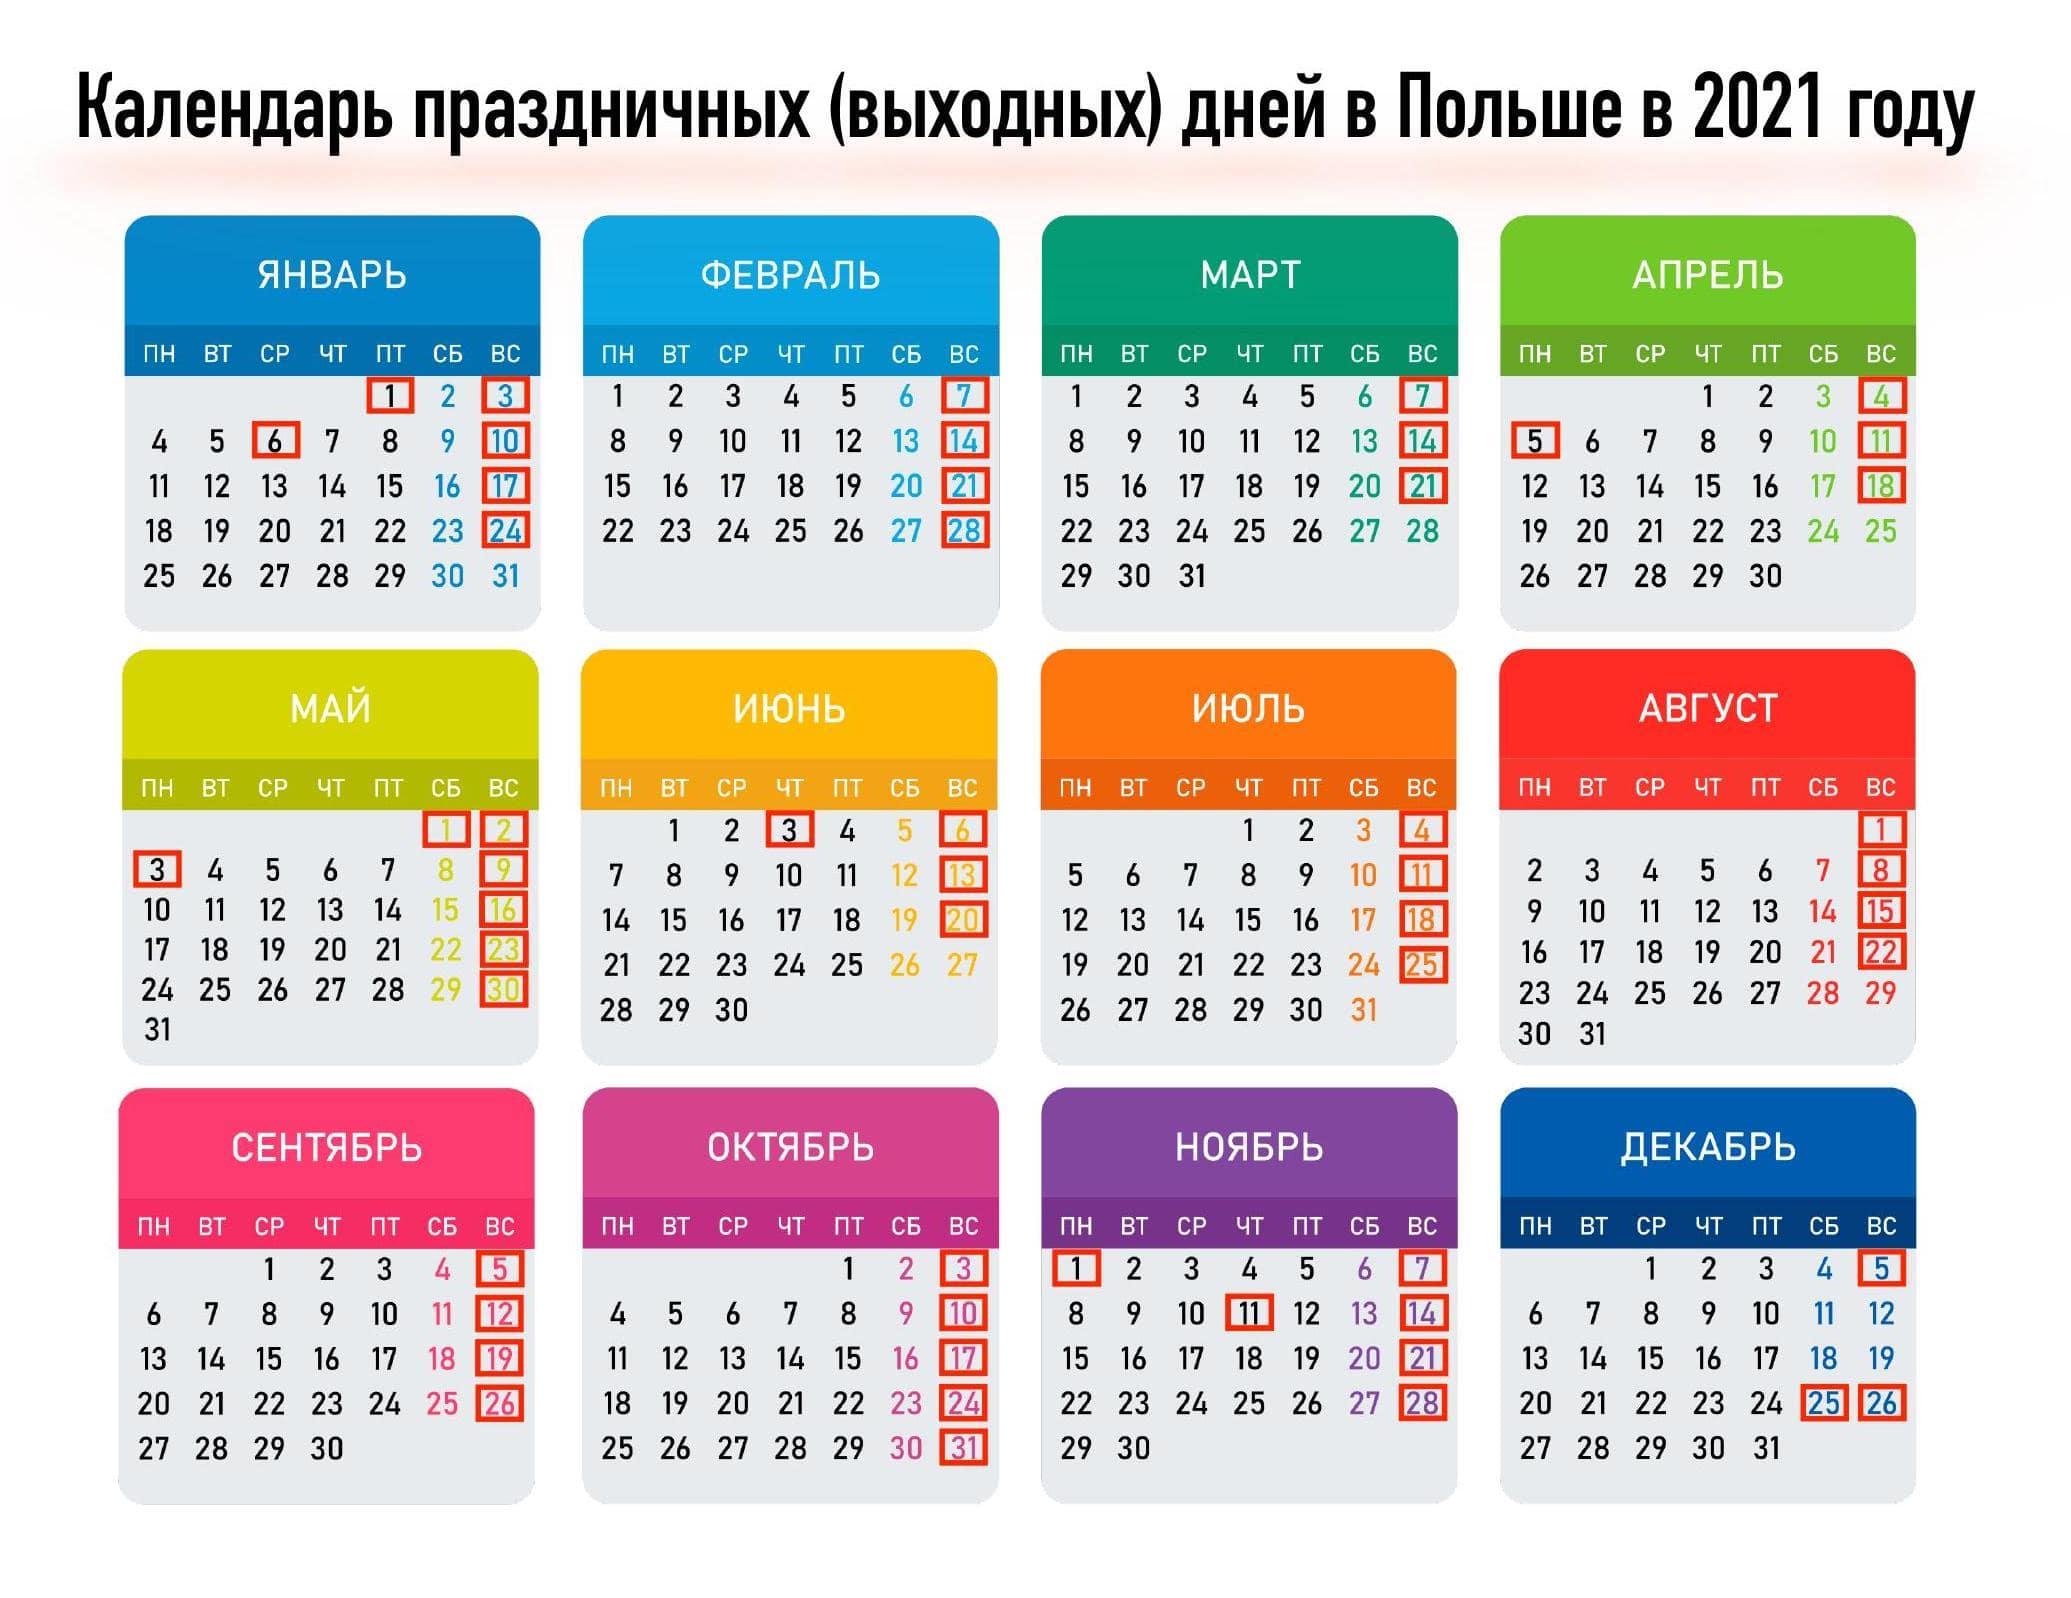 Выходные и праздничные дни в Польше 2021 (календарь)